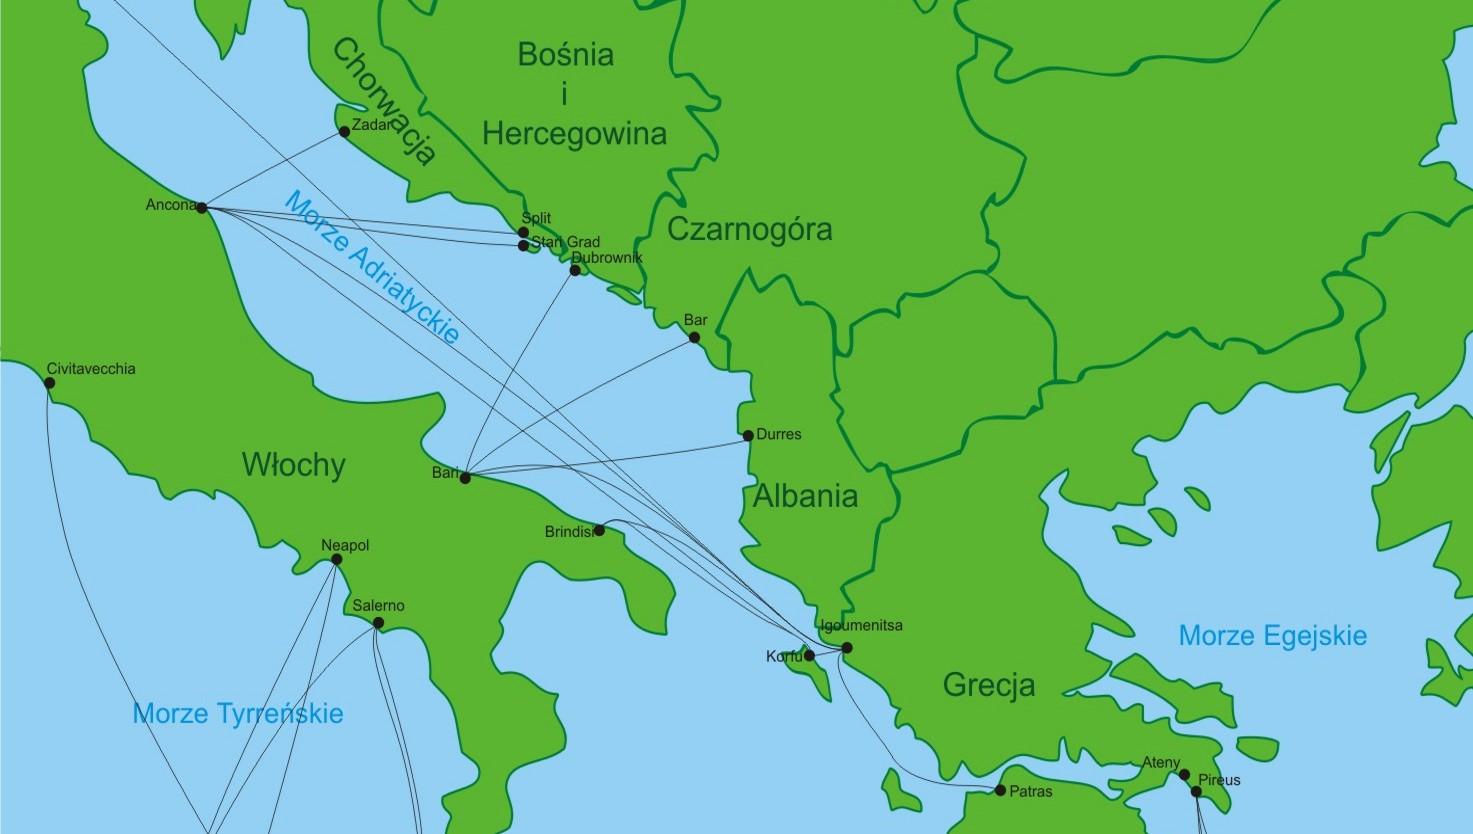 Bilety do Chorwacji, Grecji